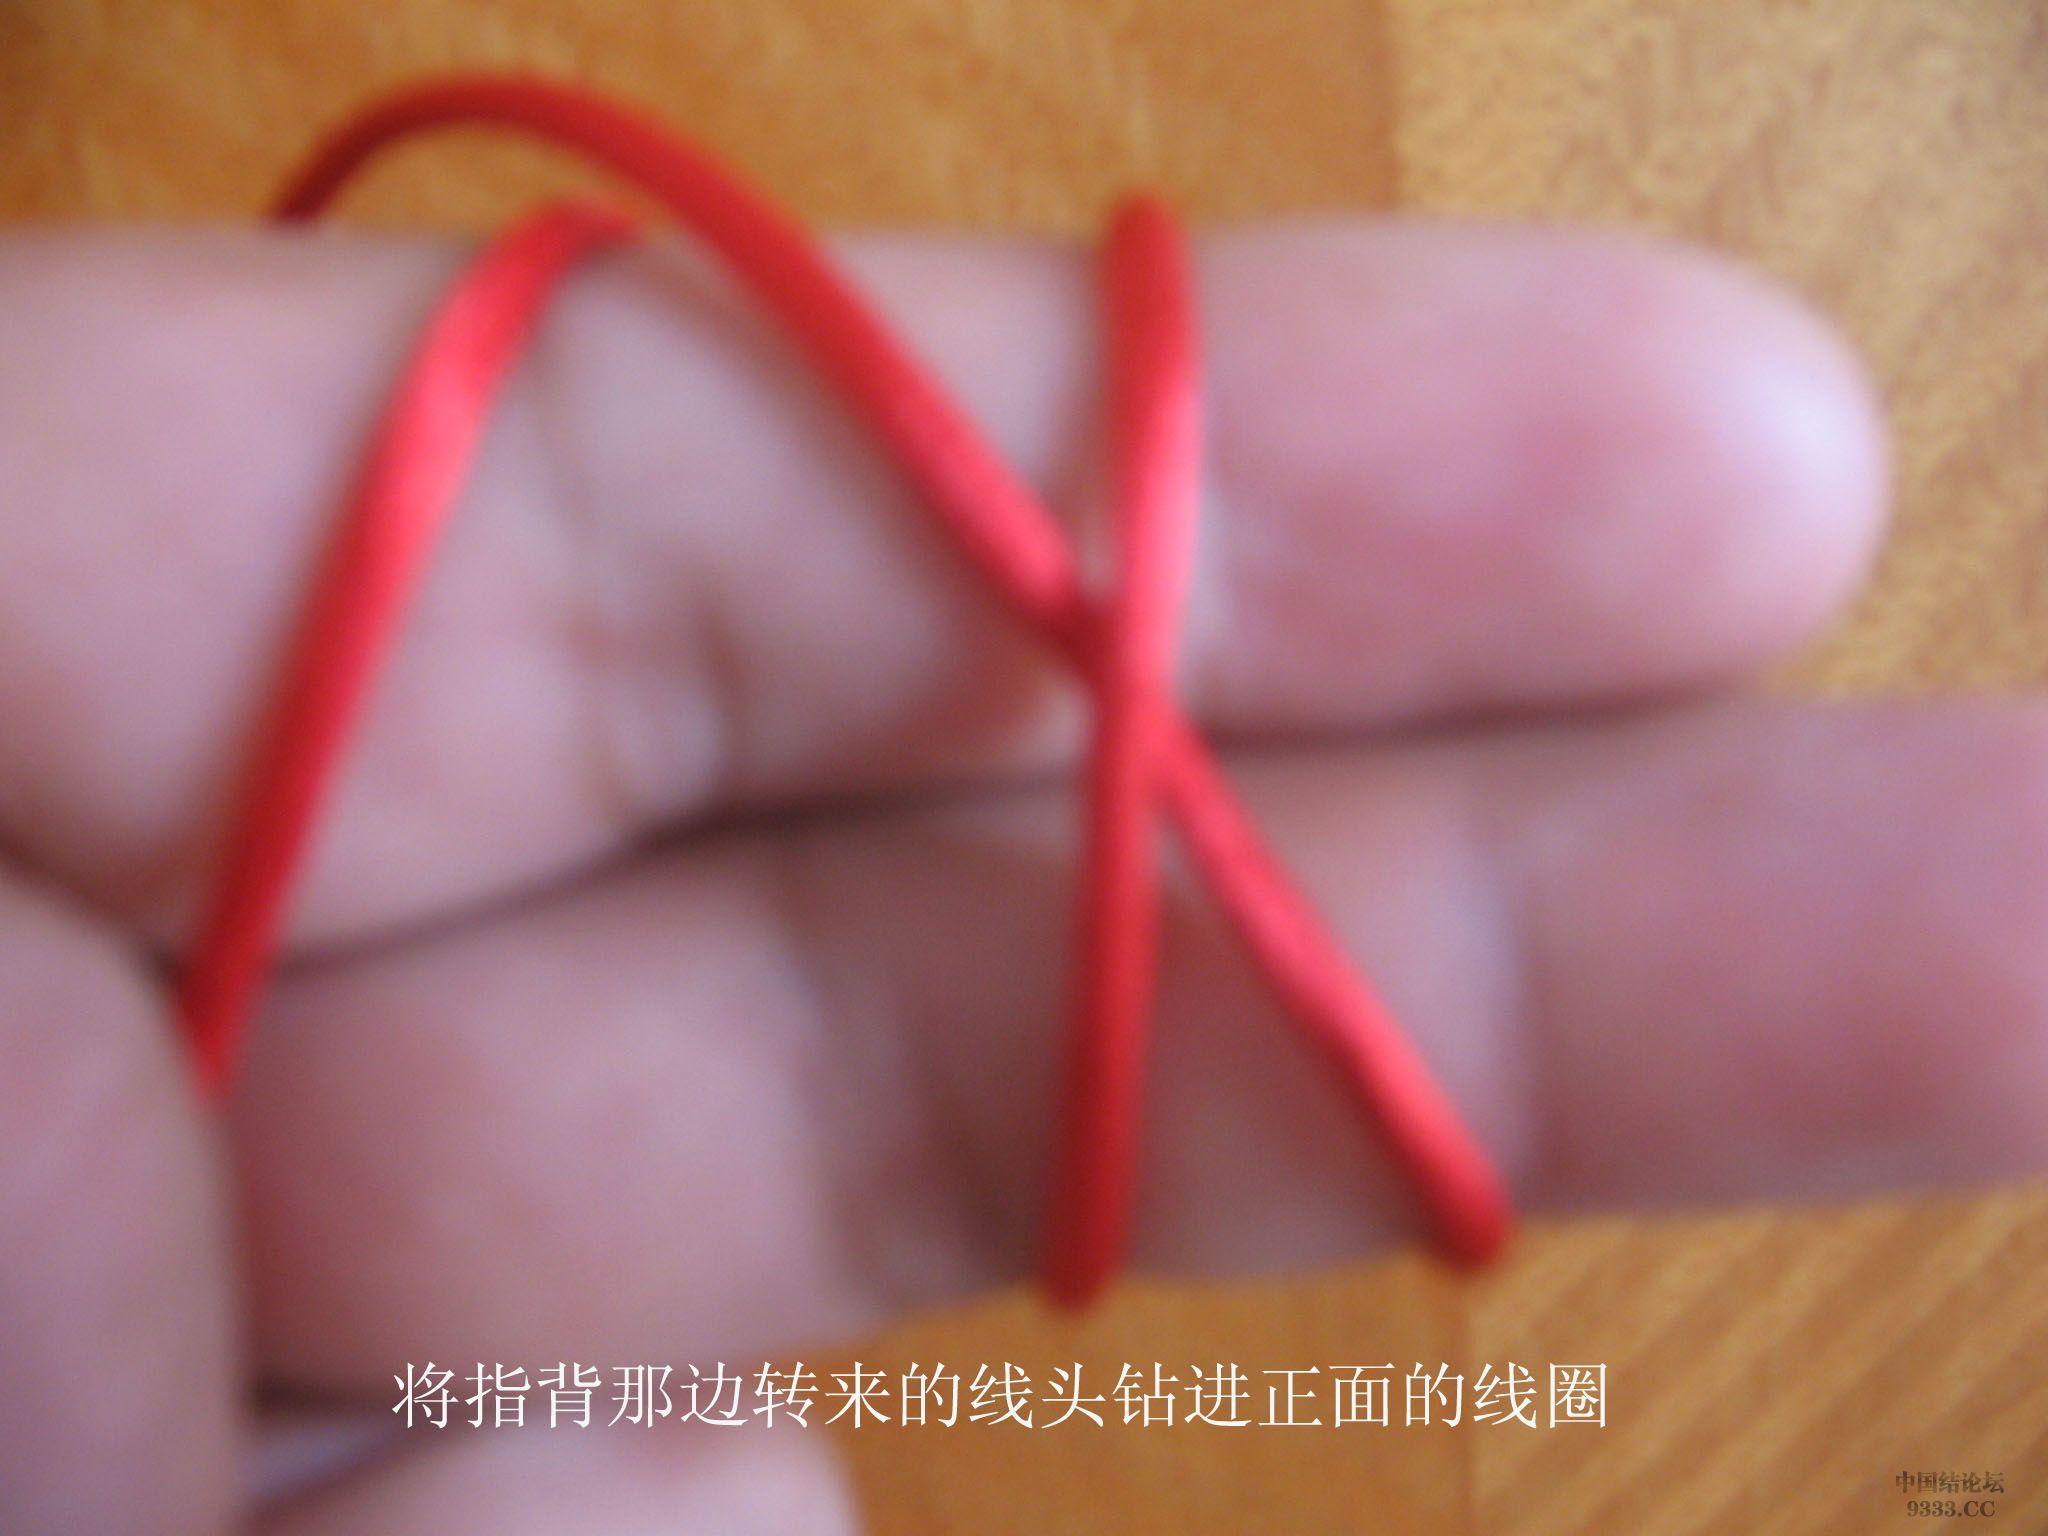 中国结论坛 原创-双钱结的快速编制方法 双钱结 基本结-新手入门必看 0907240955fc65655d606a4b0c